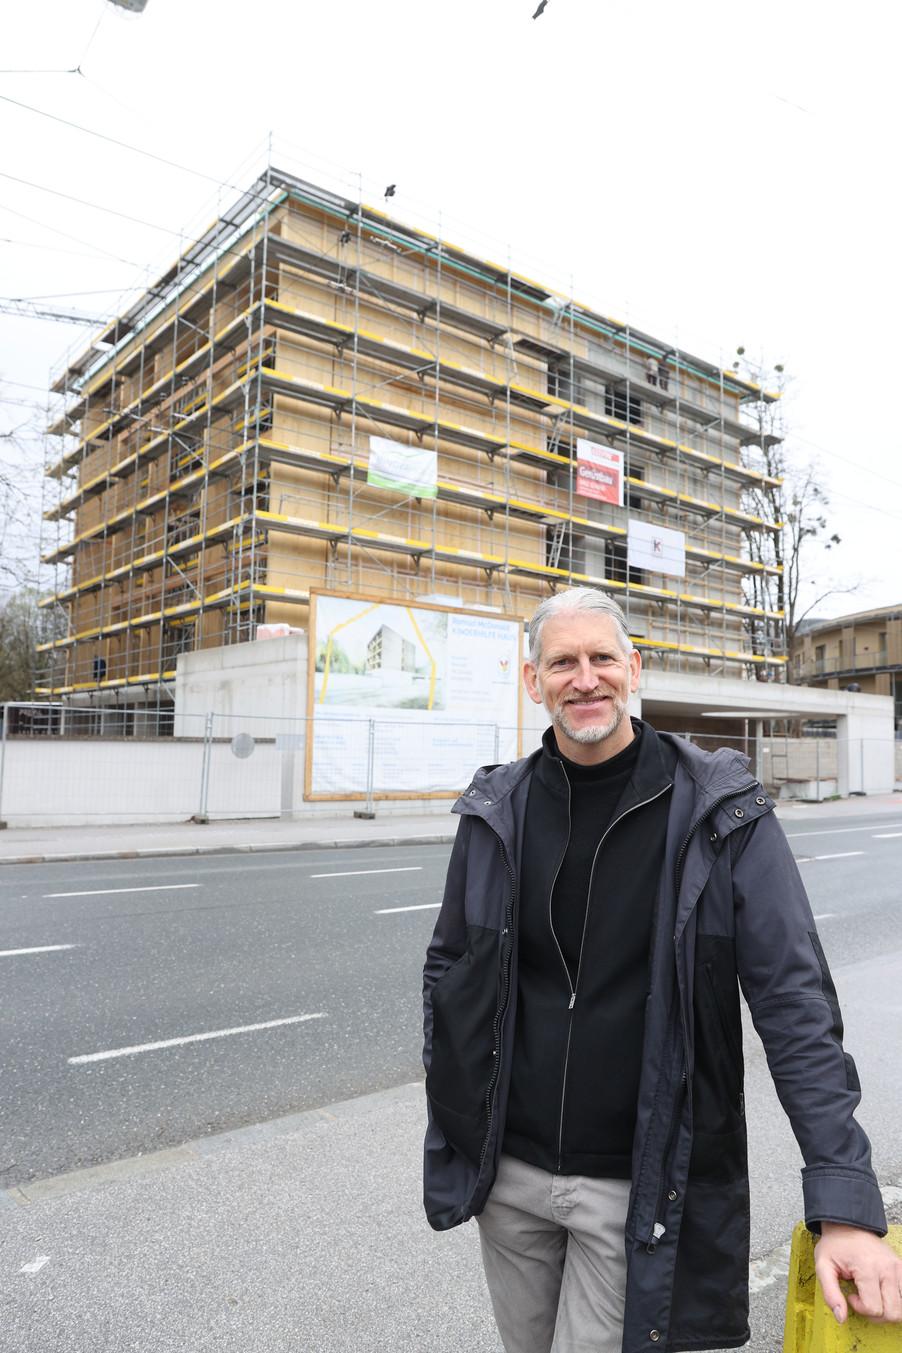 Bild 26   SALZBURG - 2021-04-20: Gleichenfeier für neues Ronald McDonald Kinderhilfe Haus in Salzburg  Im ...